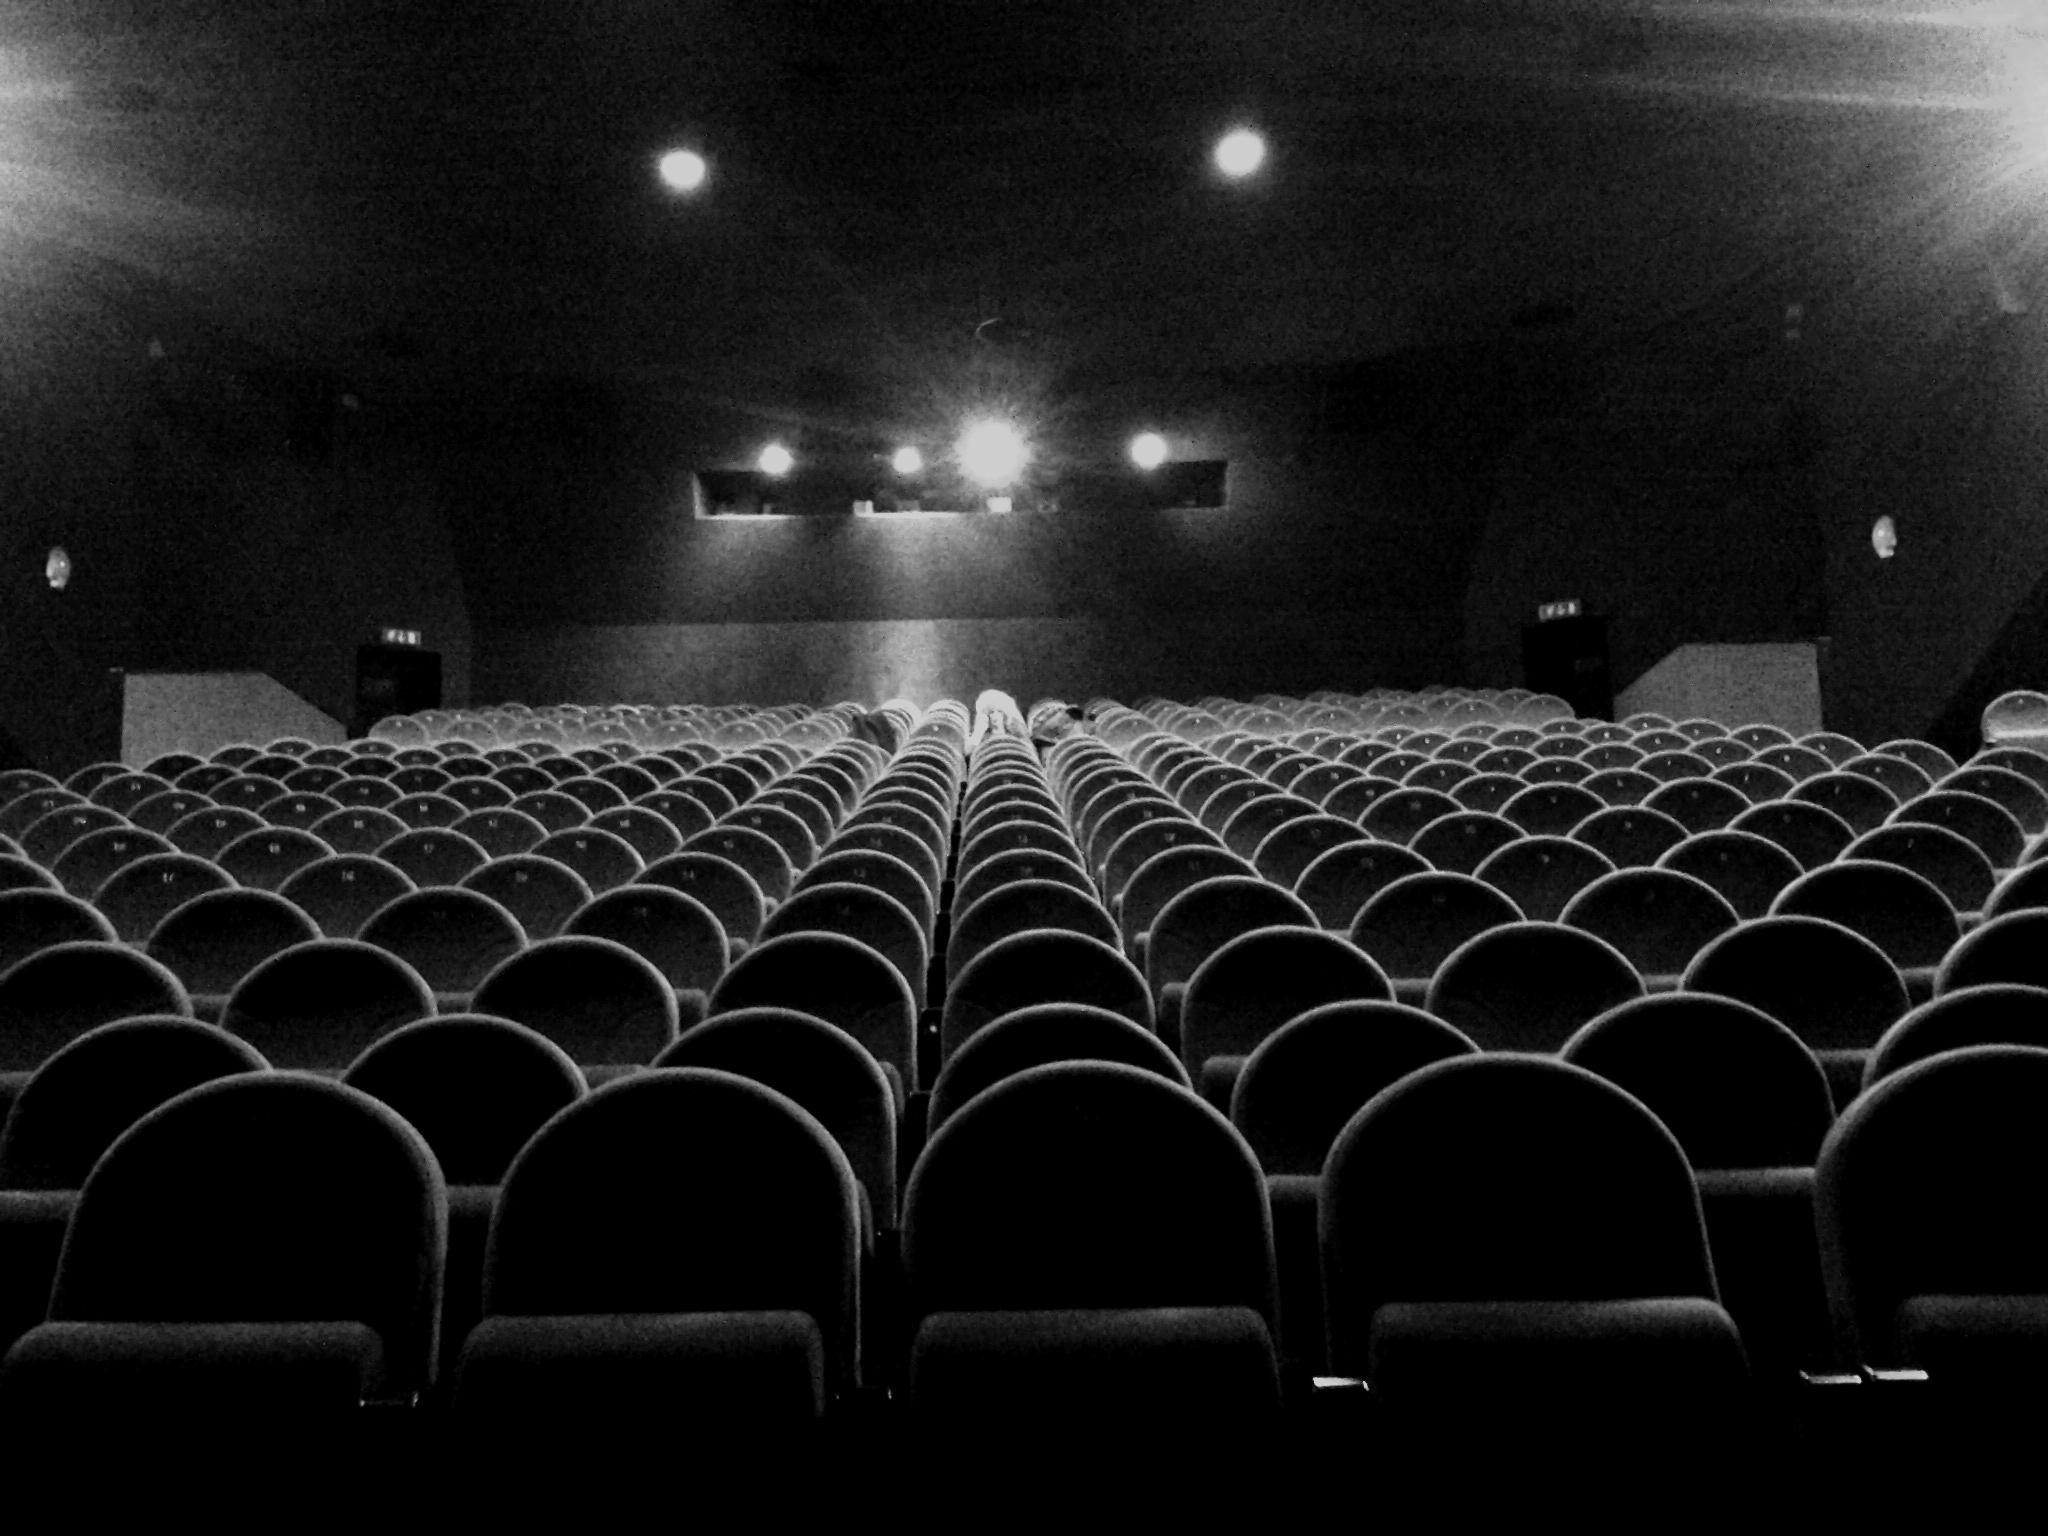 empty_cinema_room_by_malypluskwiak-d38x4pp